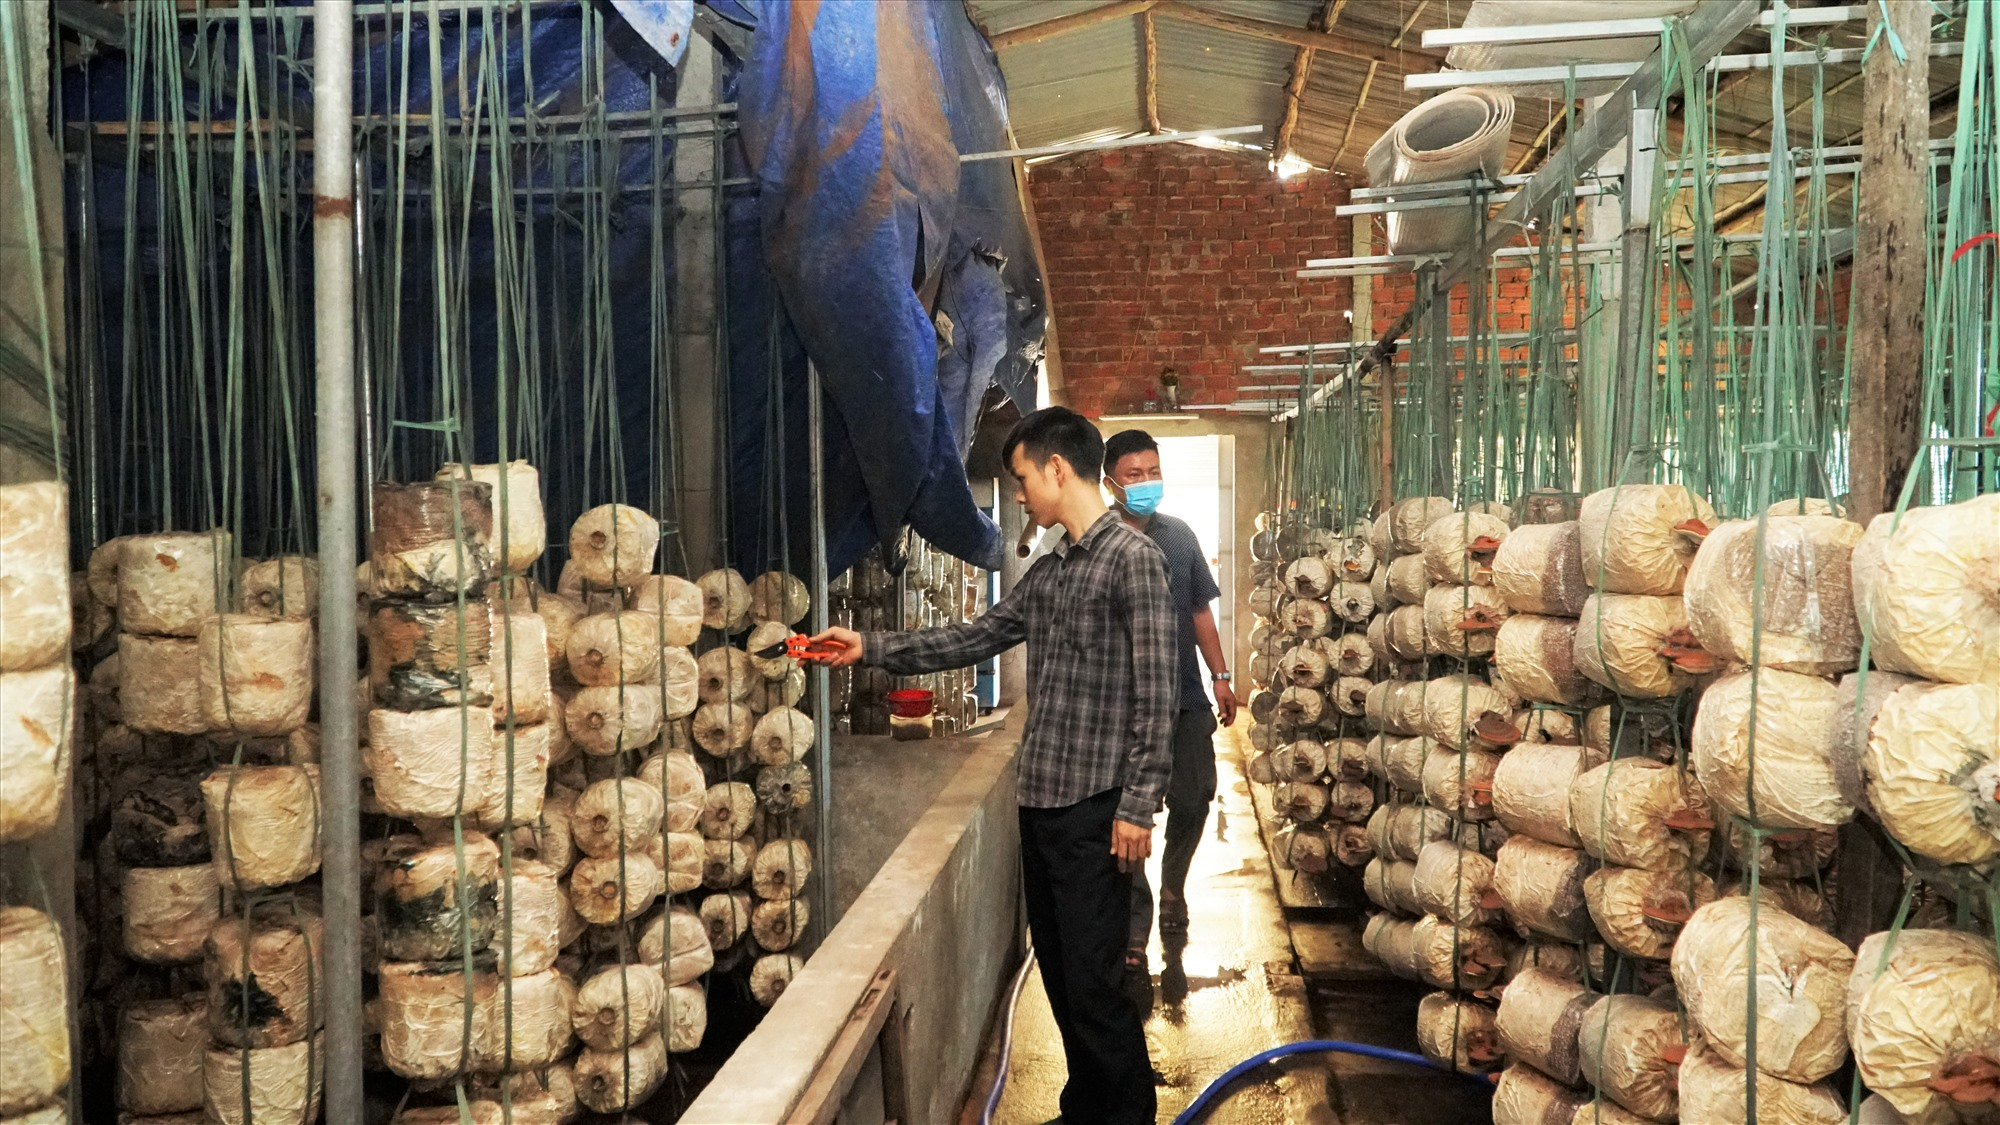 Hồ Đức Thiện xây dựng thành công mô hình trồng nấm linh chi đỏ hướng hữu cơ. Ảnh: N.Trang